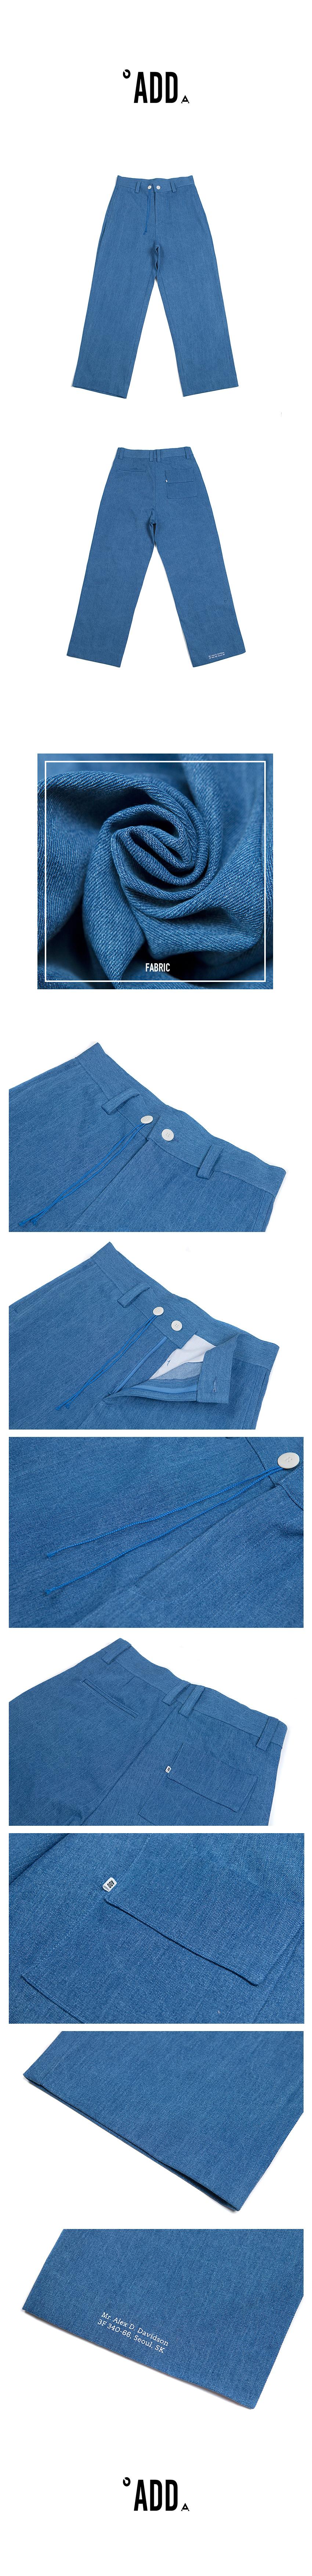 에드(ADD) ENVELOPE DENIM WIDE PANTS BLUE